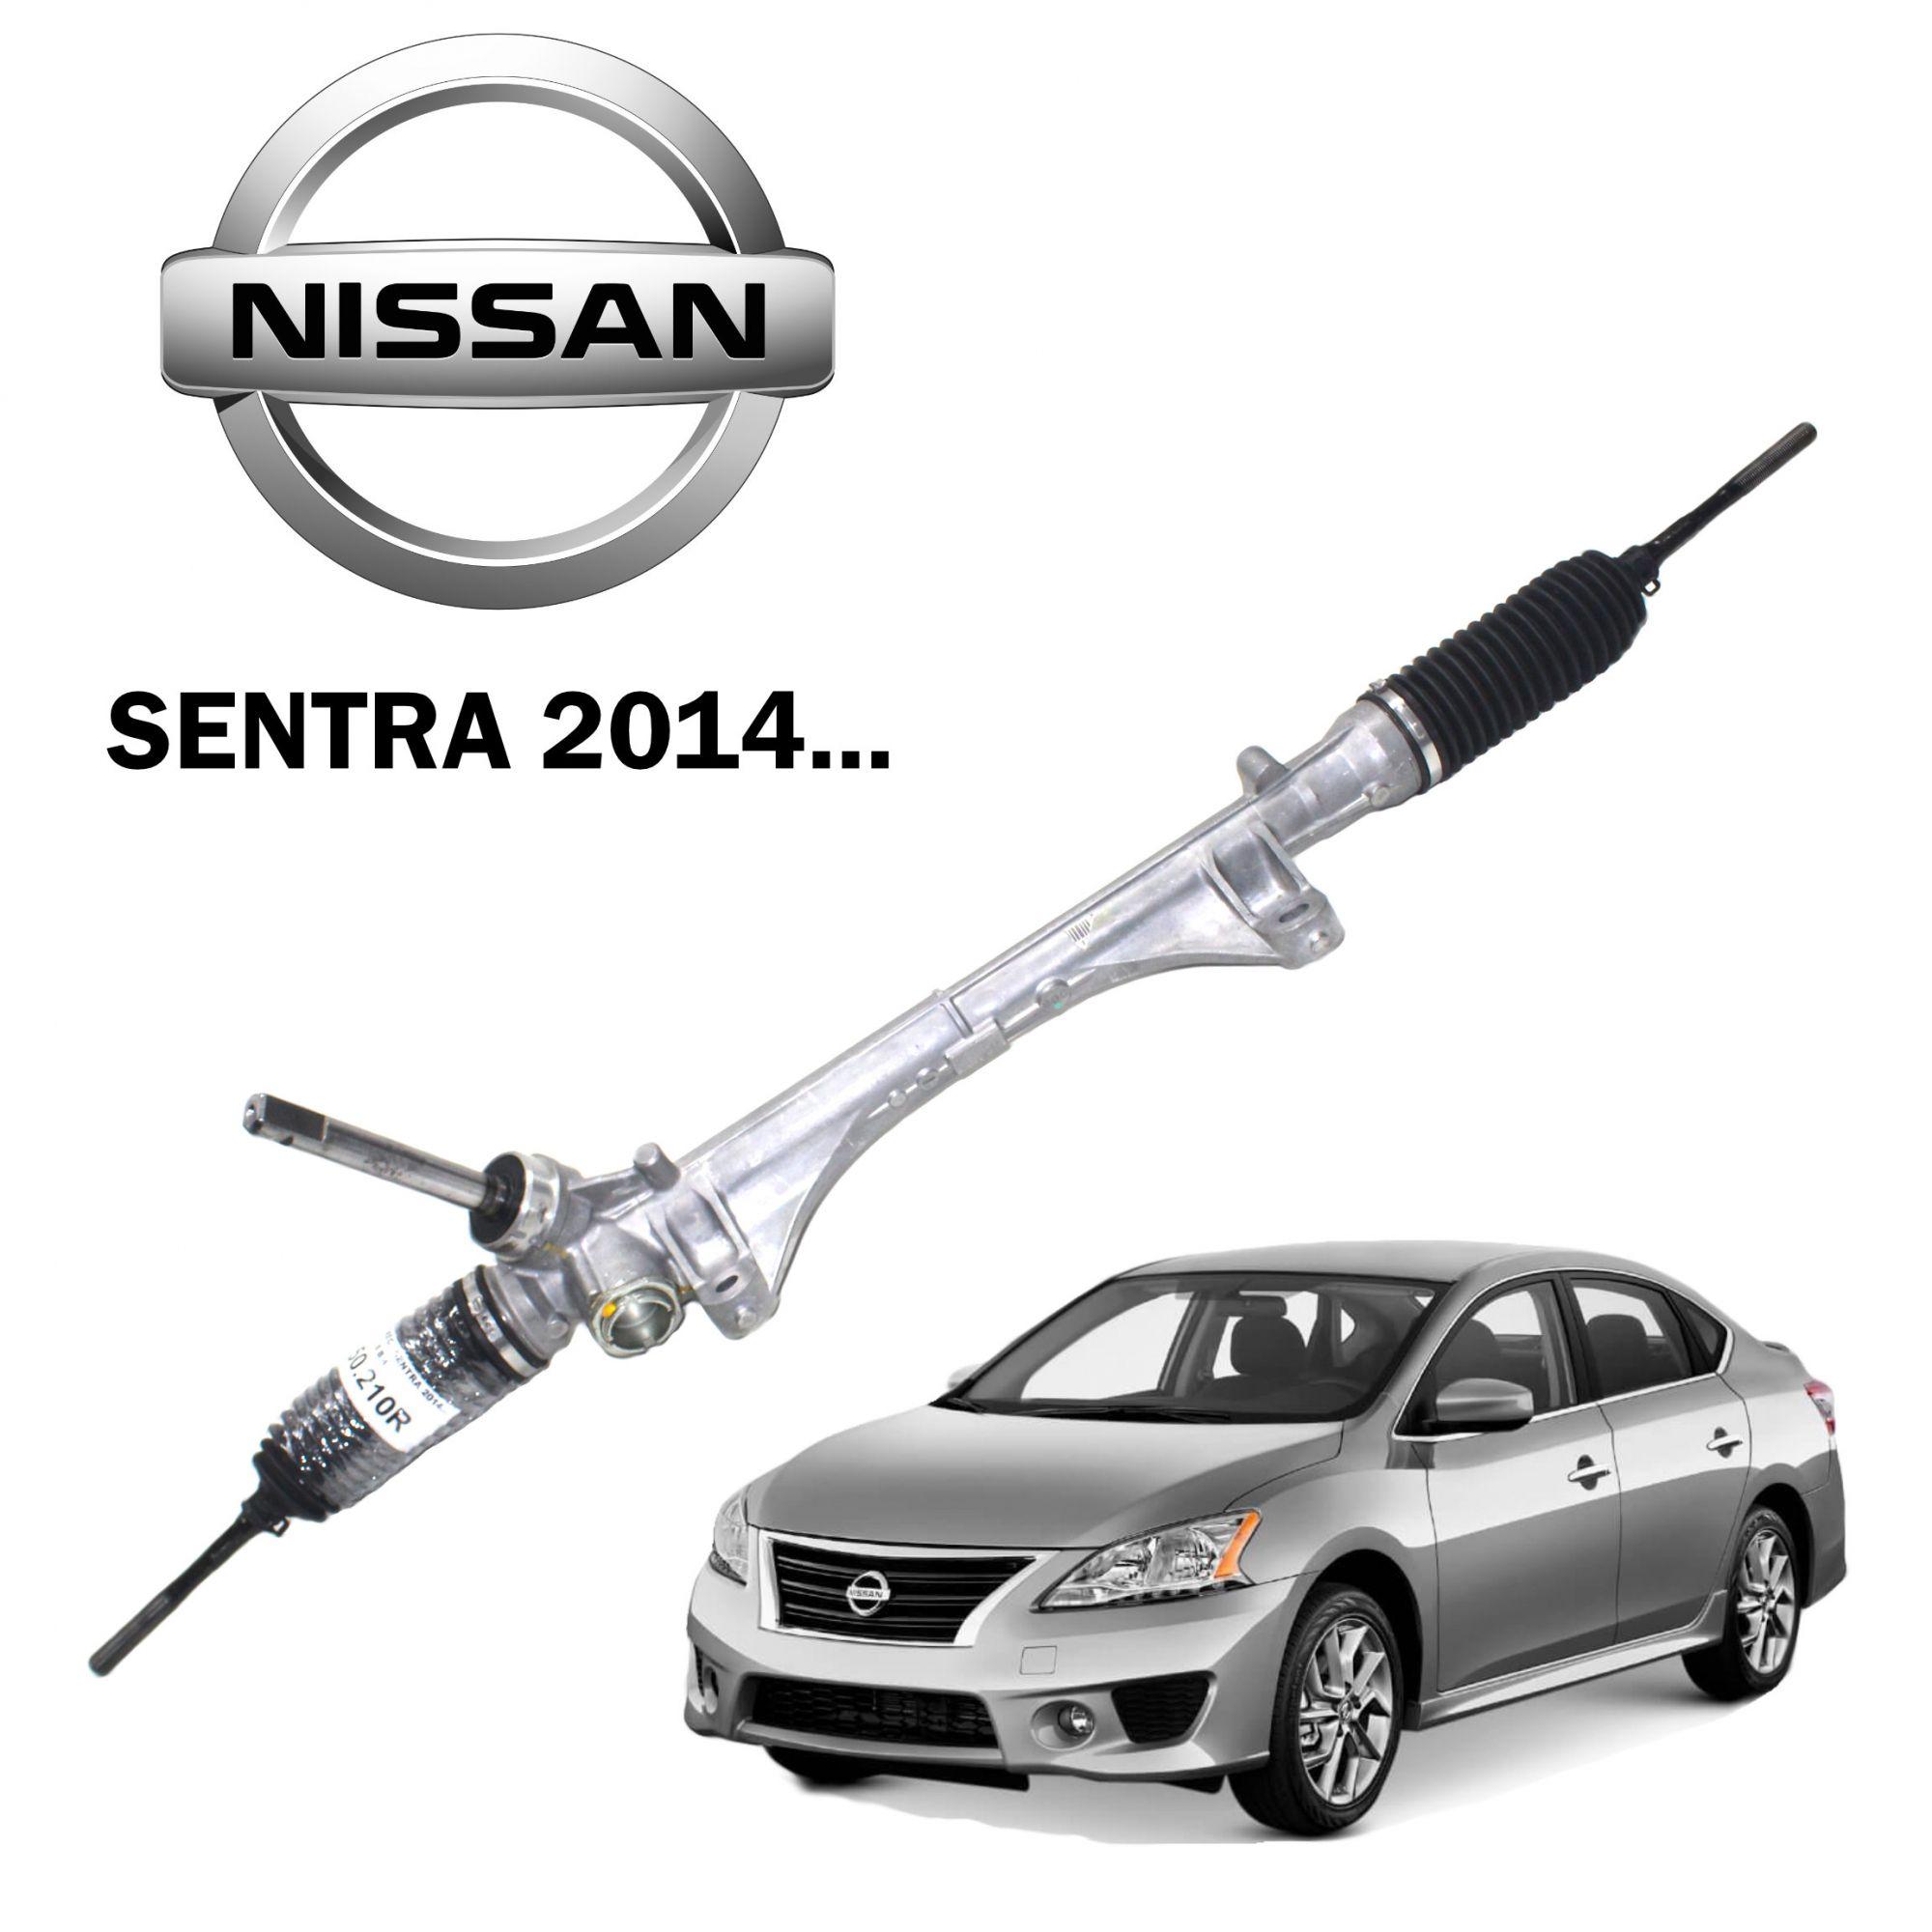 Caixa Direção Mecânica Nissan Sentra 2014... 480013SG1A